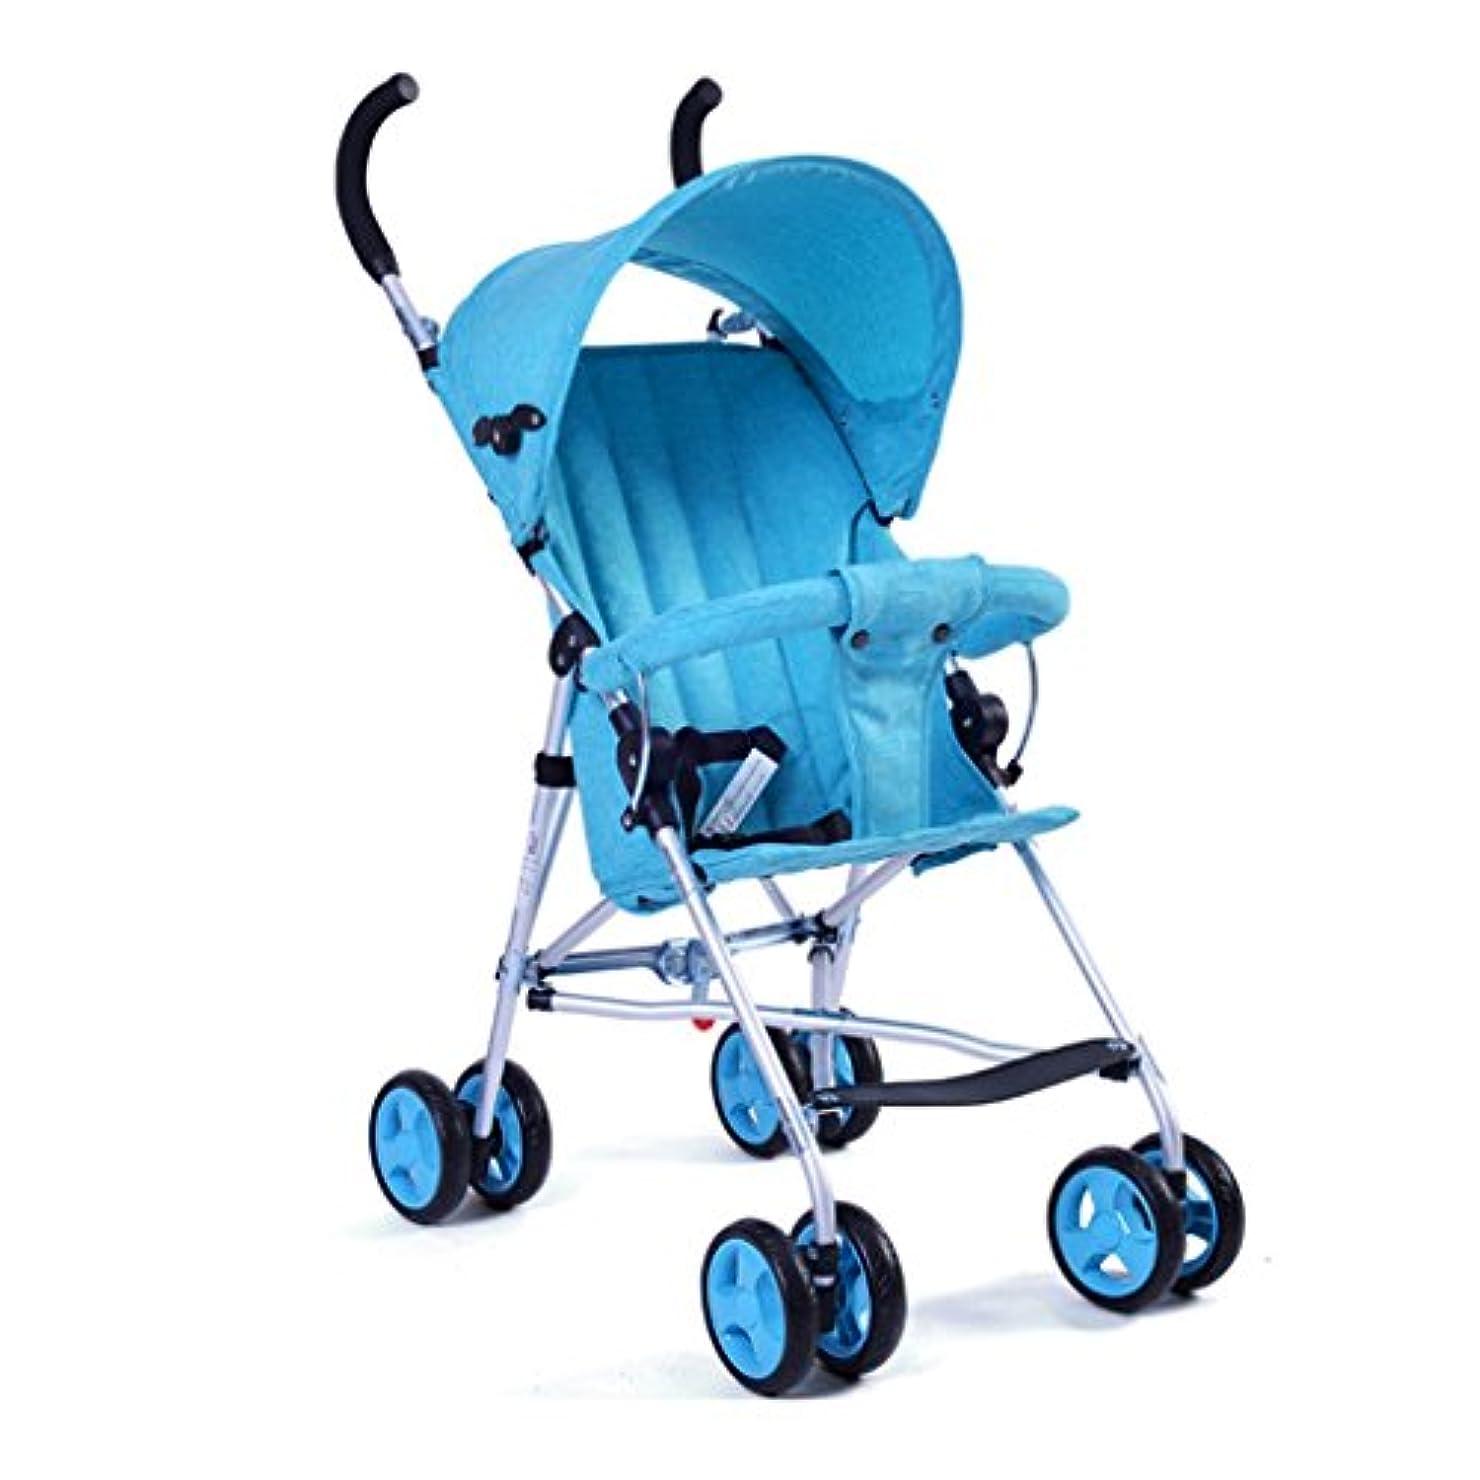 始めるに関して考えJIANXIN 夏の赤ちゃんのベビーカー超軽量のポータブル子供の傘折り畳みベビーカート通気性 (色 : 青)